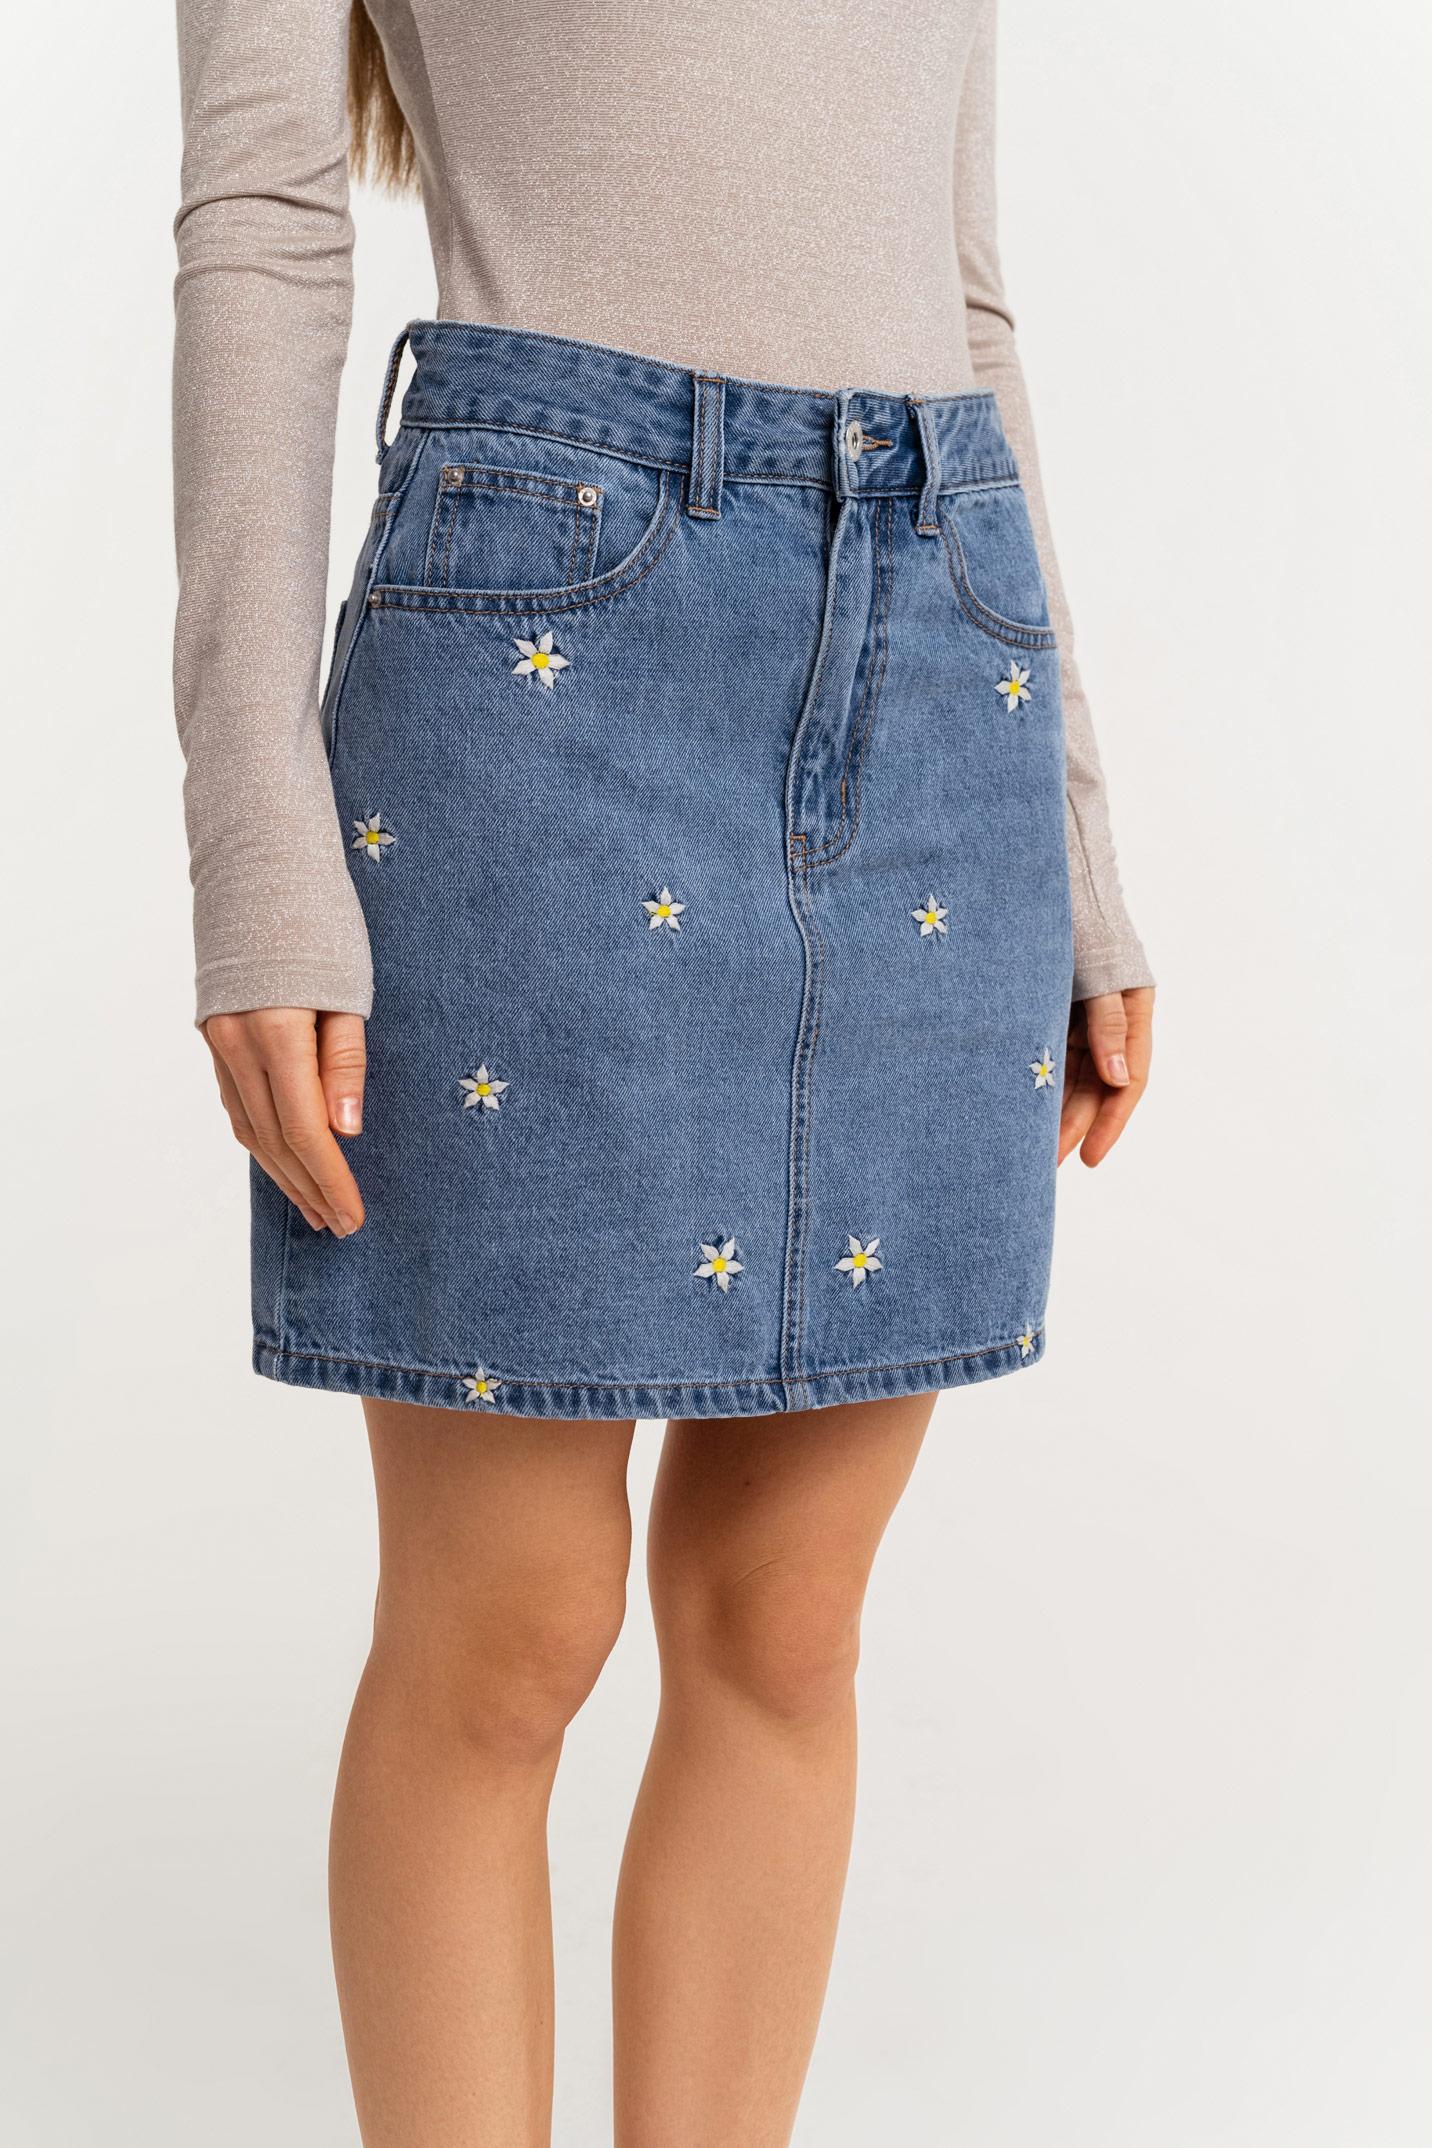 джинсовая юбка купить в воронеже